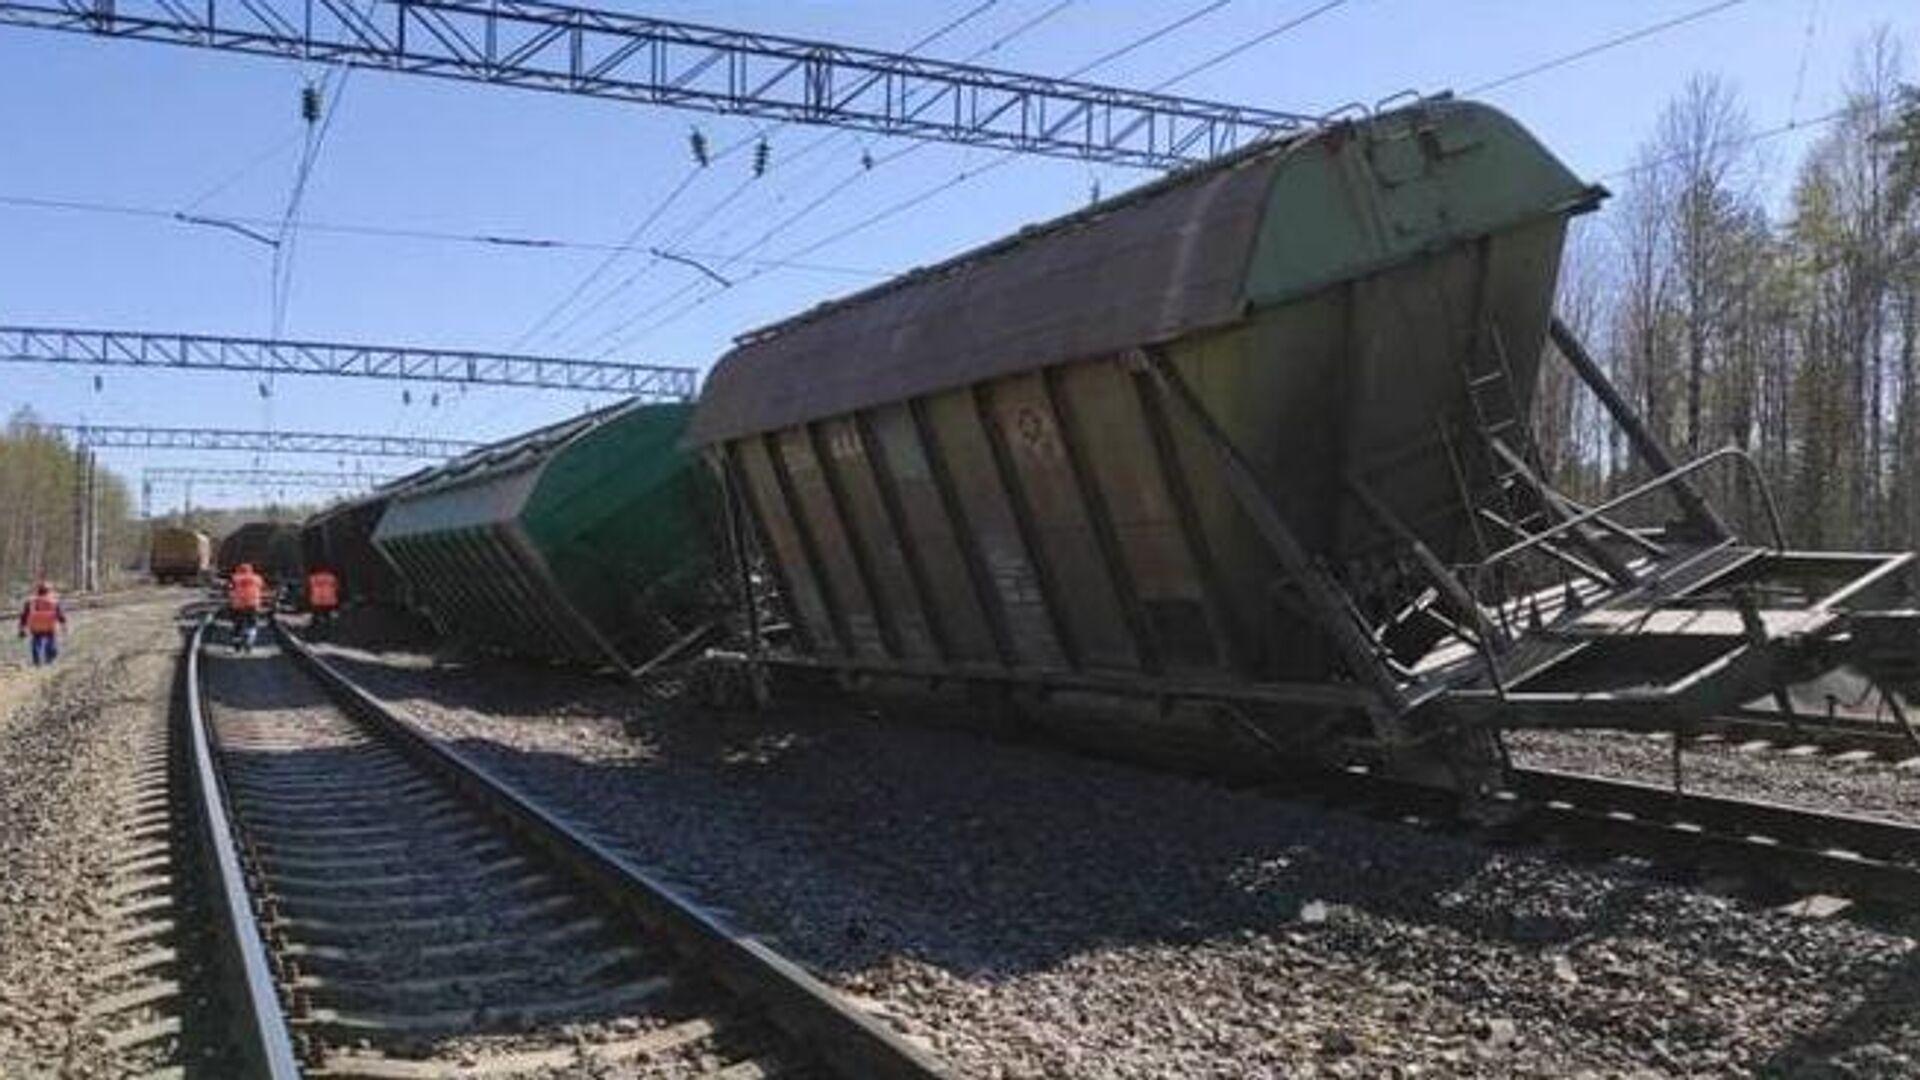 Сход с рельсов грузового поезда в Карелии - РИА Новости, 1920, 12.05.2021